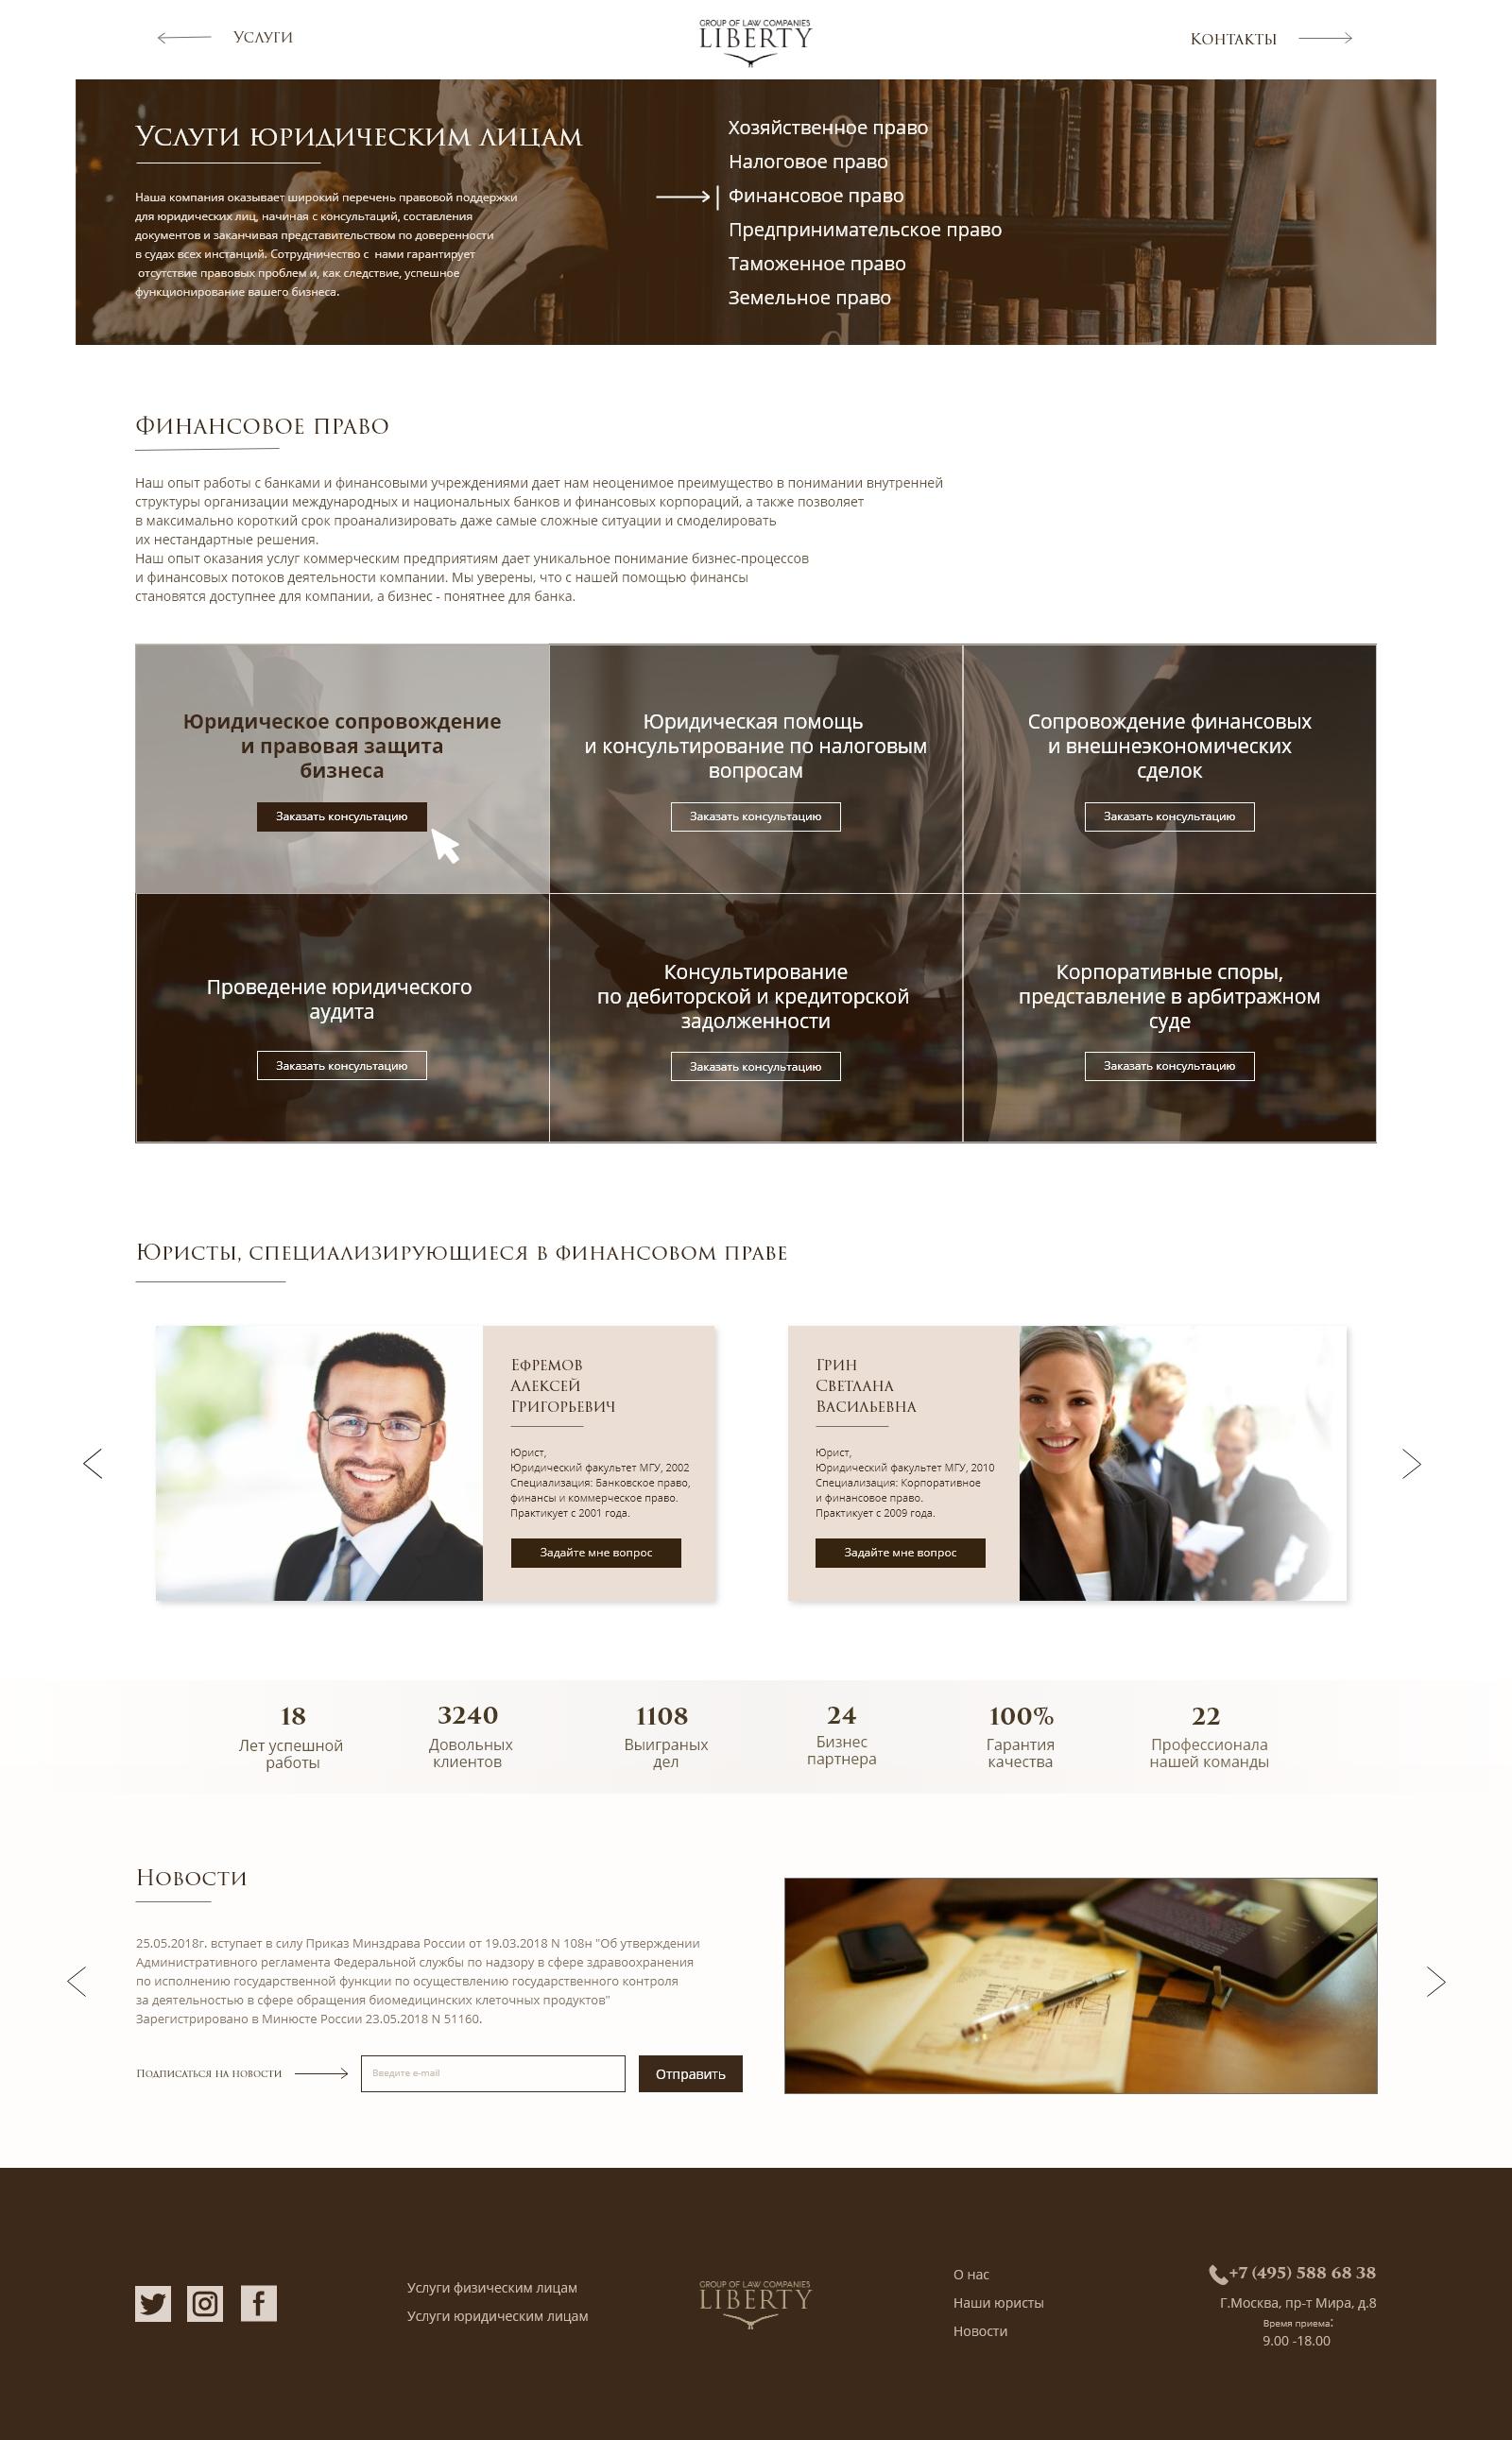 Сайт юридической компании.